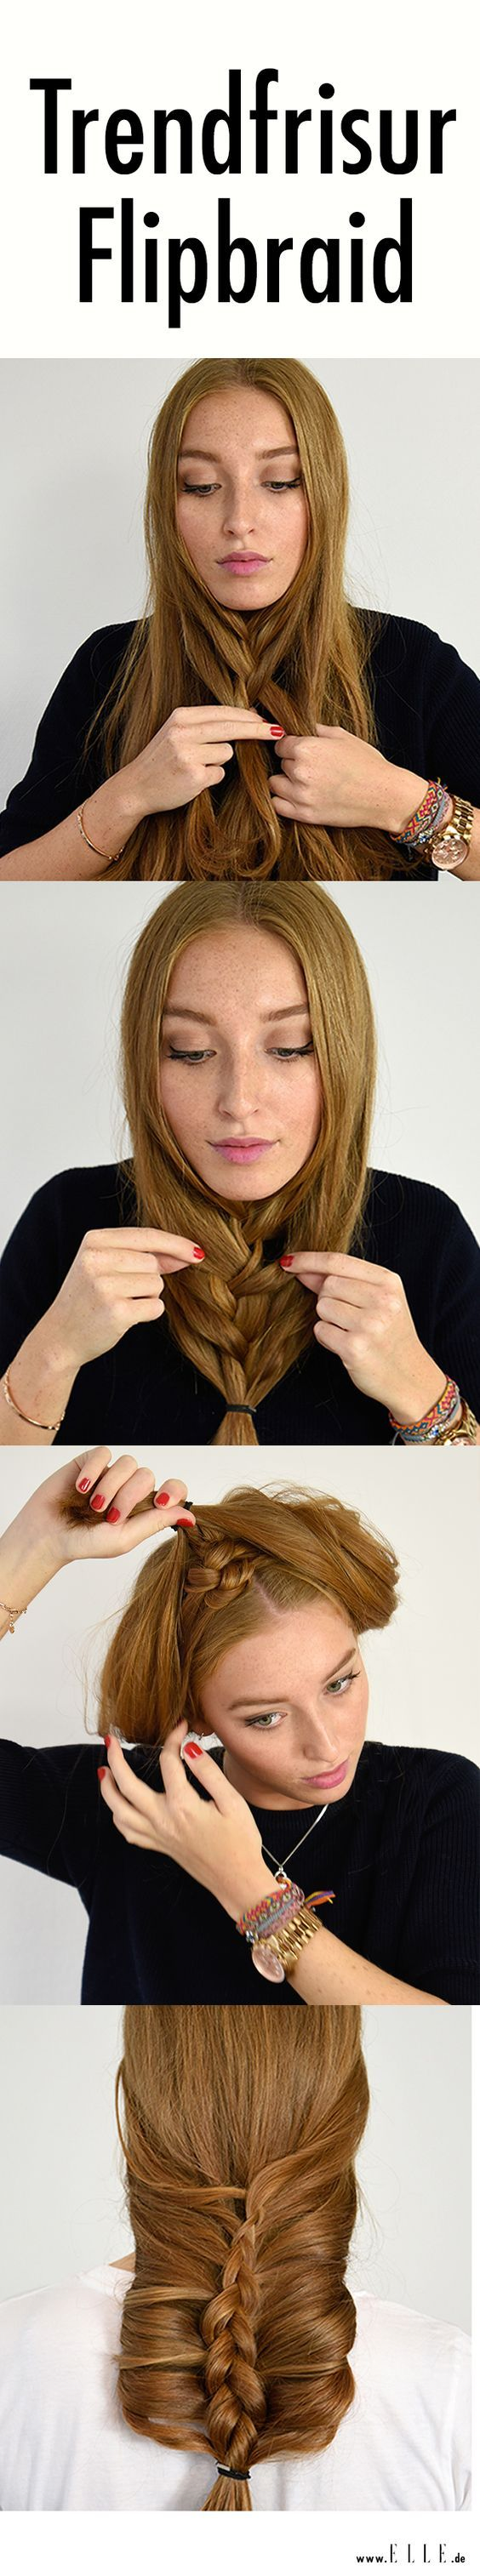 Flip braid in schritten zur trendfrisur tutorials hair style